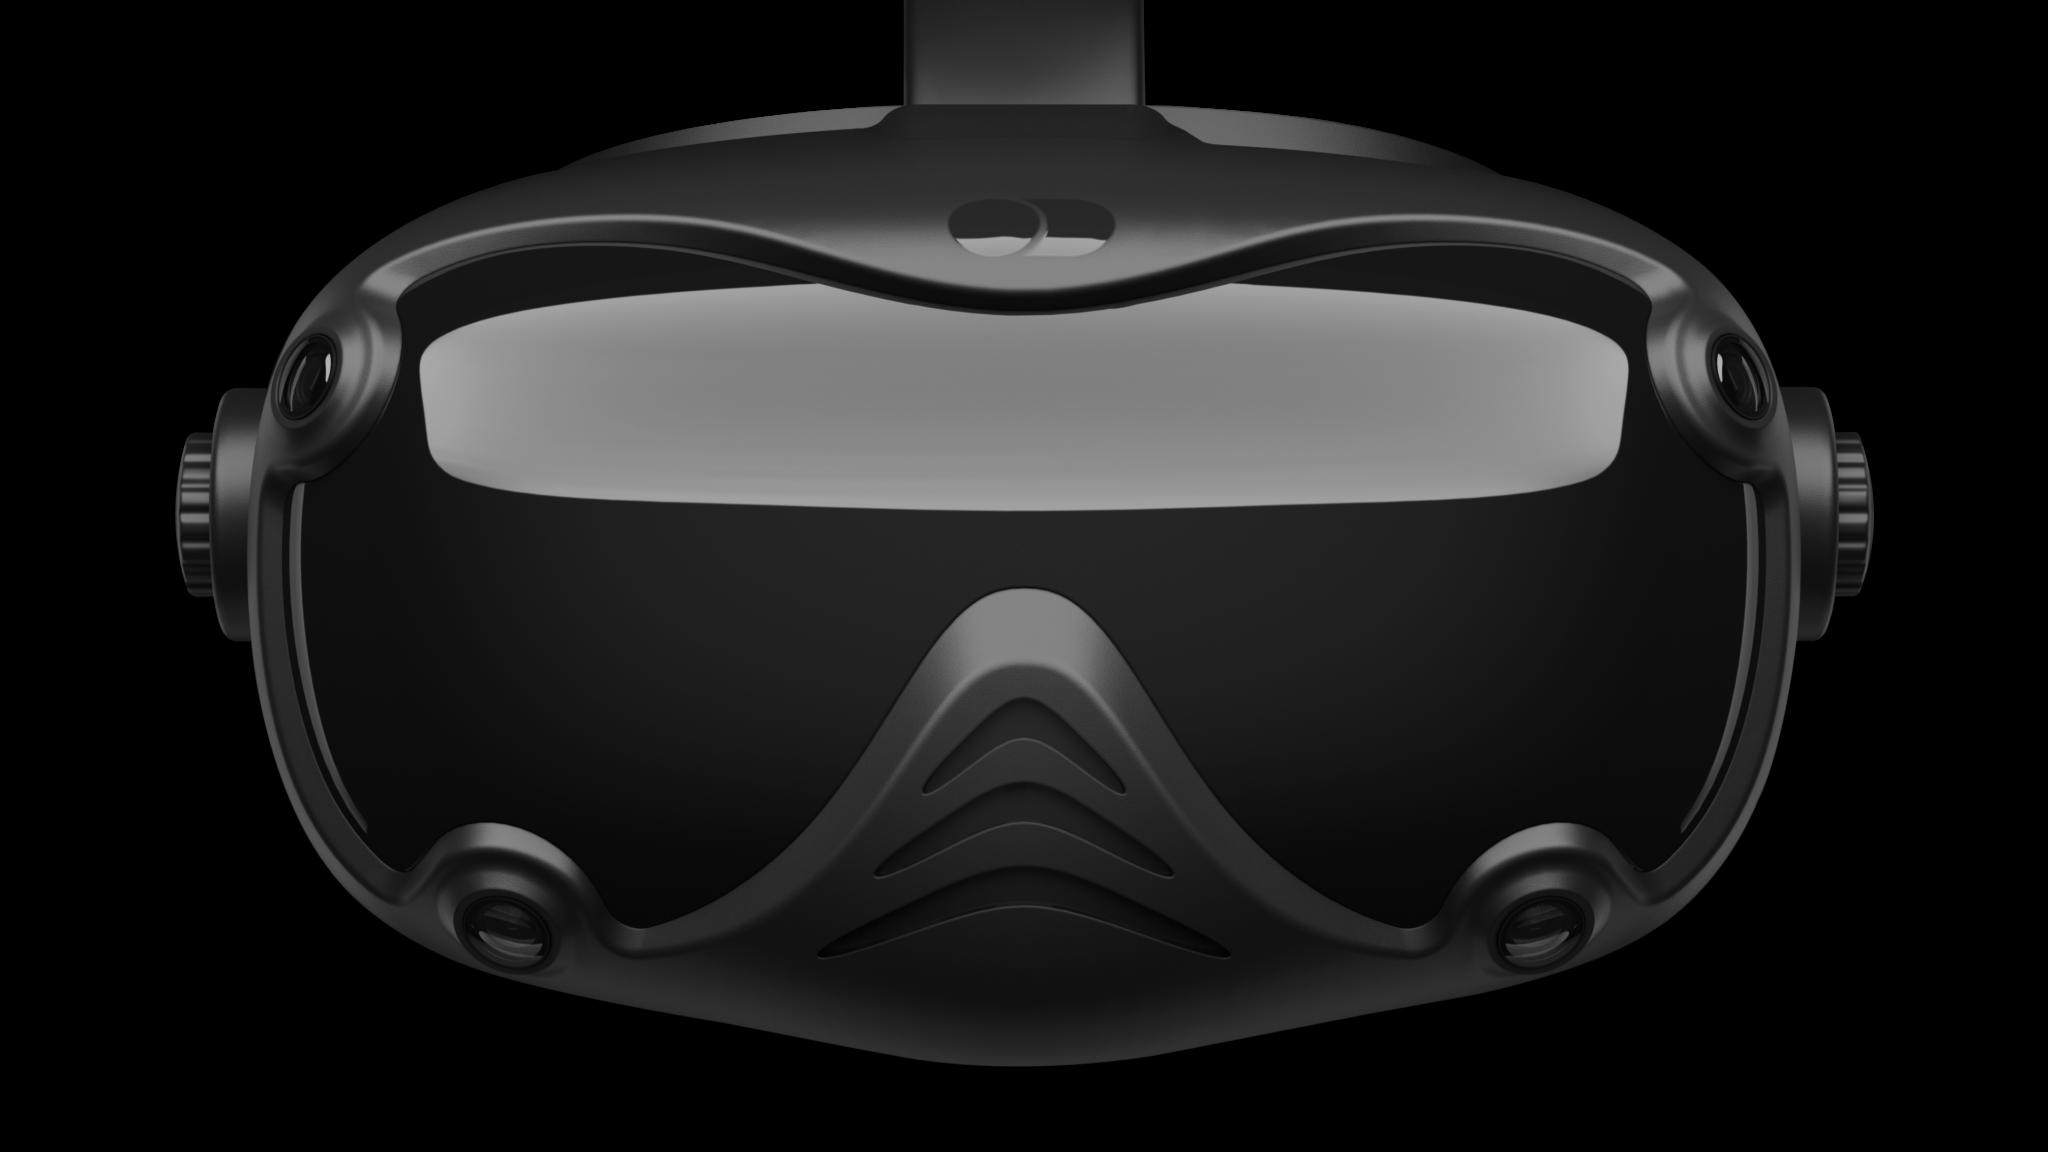 Neue VR-Brille DecaGear mit hoher Auflösung und niedrigem Preis vorgestellt (Update: Mehr Infos)